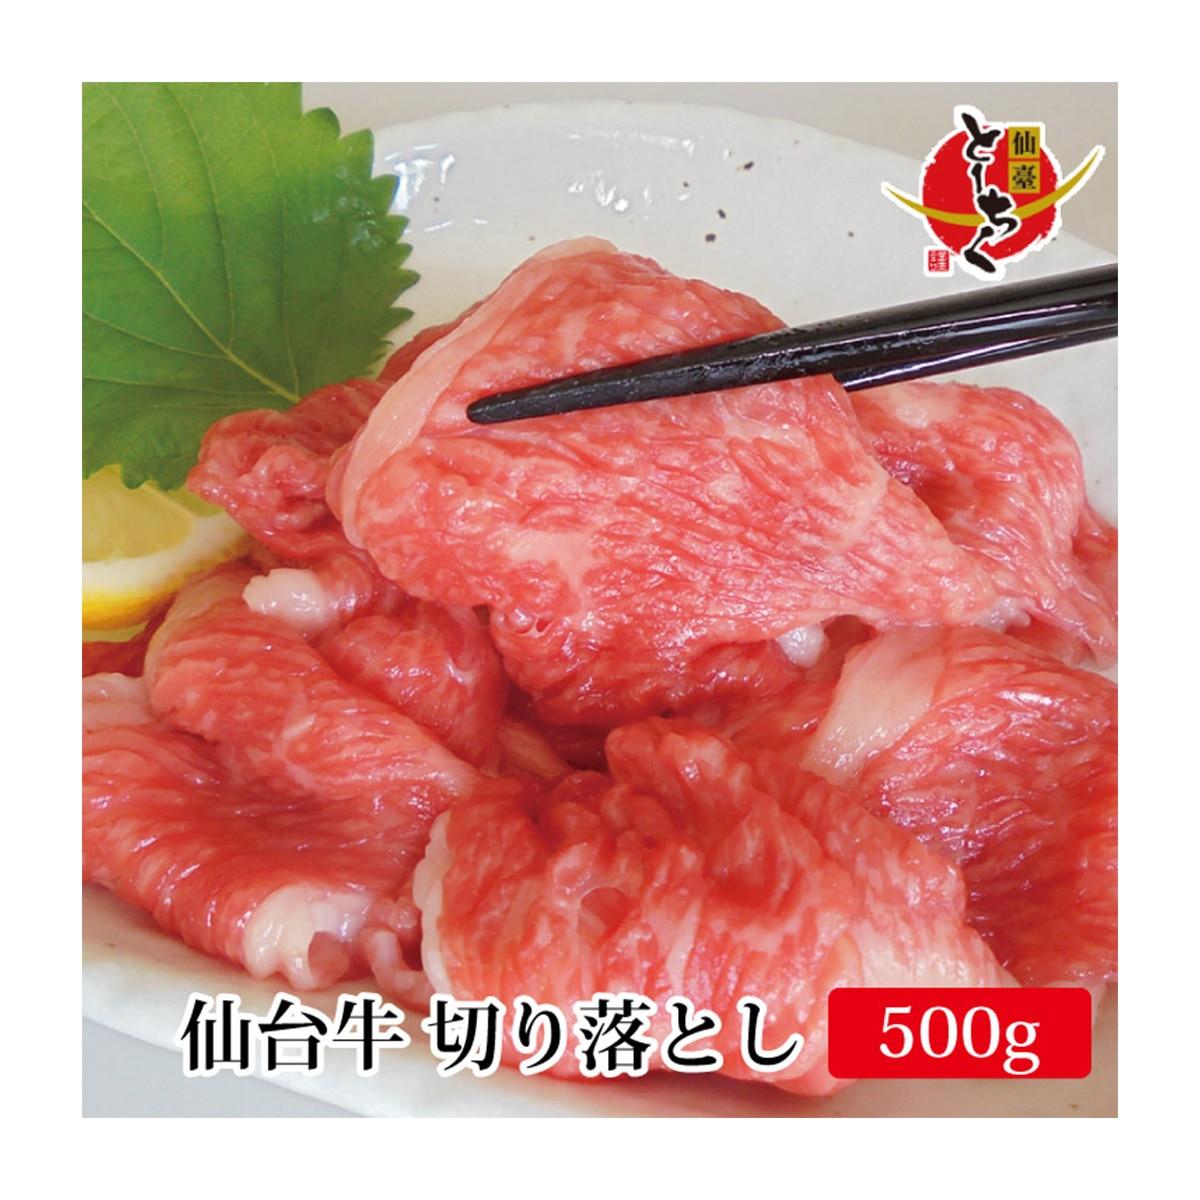 トーチク 【宮城】仙台牛切り落し